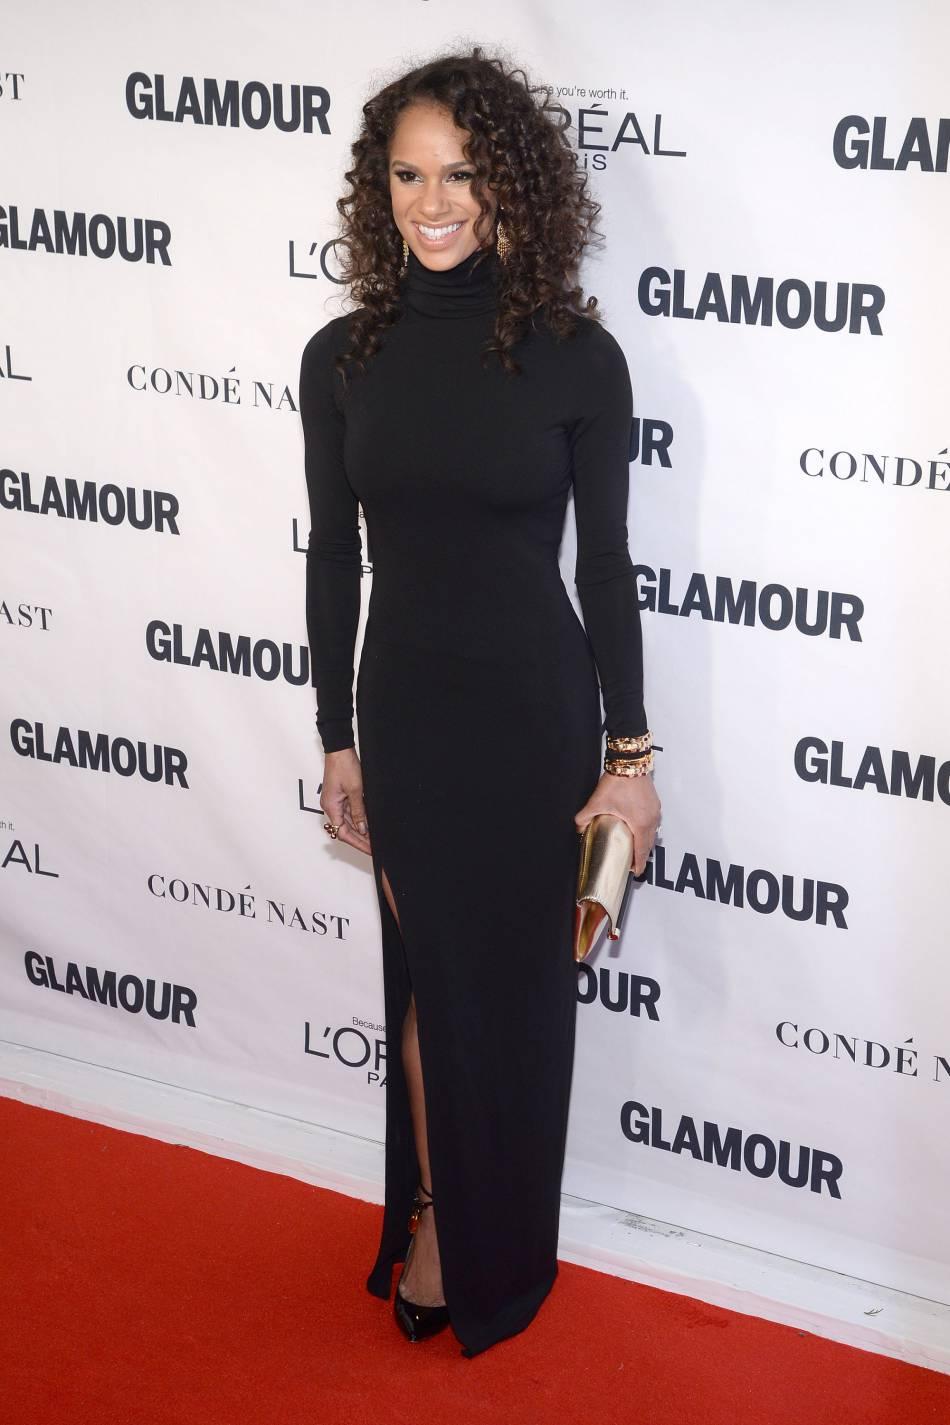 Misty Copeland aux Glamour Awards le 9 novembre 2015 à New York.